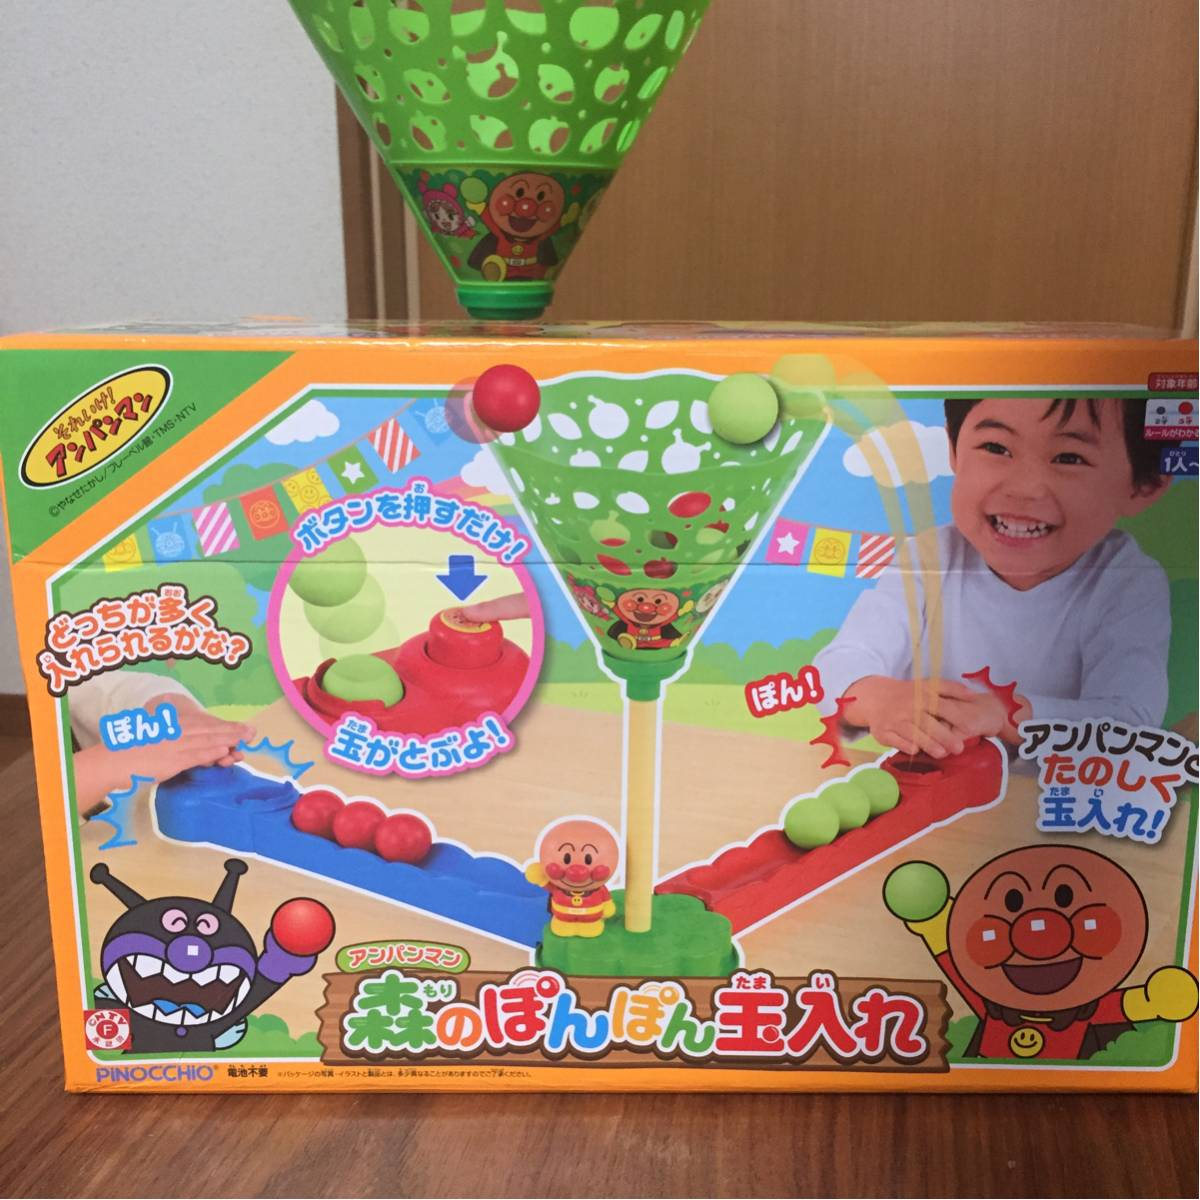 アンパンマン 森のぽんぽん玉入れ おもちゃ グッズの画像